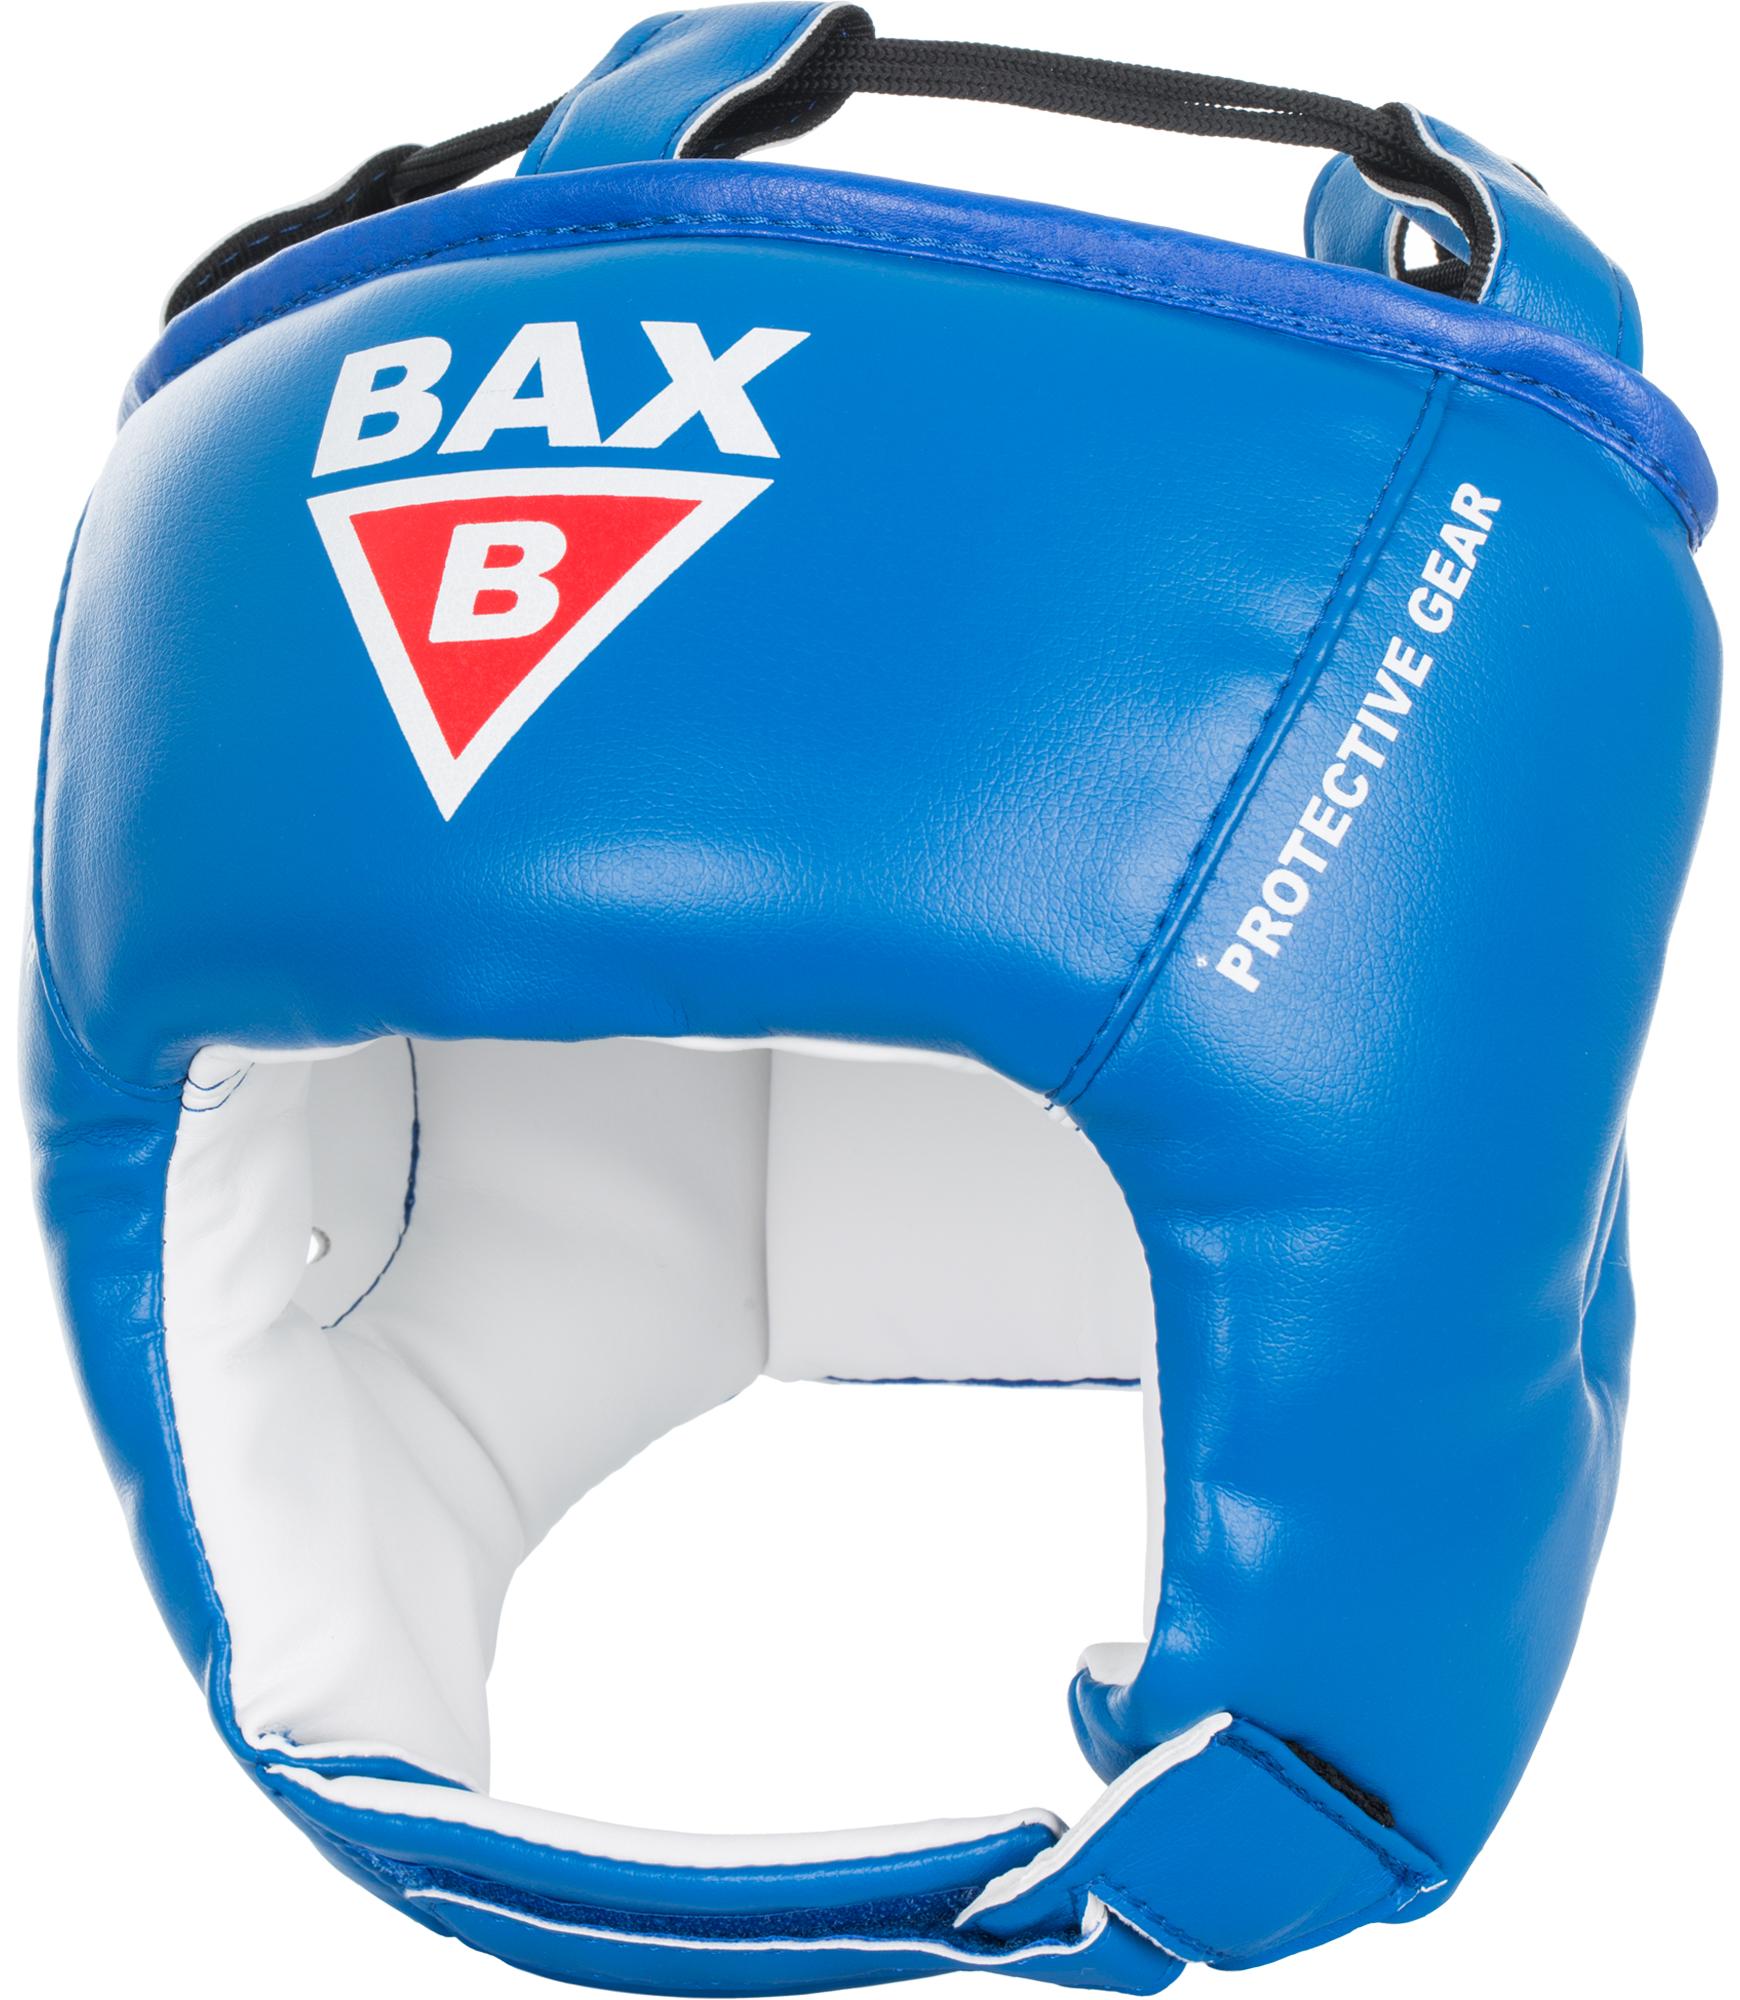 какой конторы лучше брать боксерский шлем